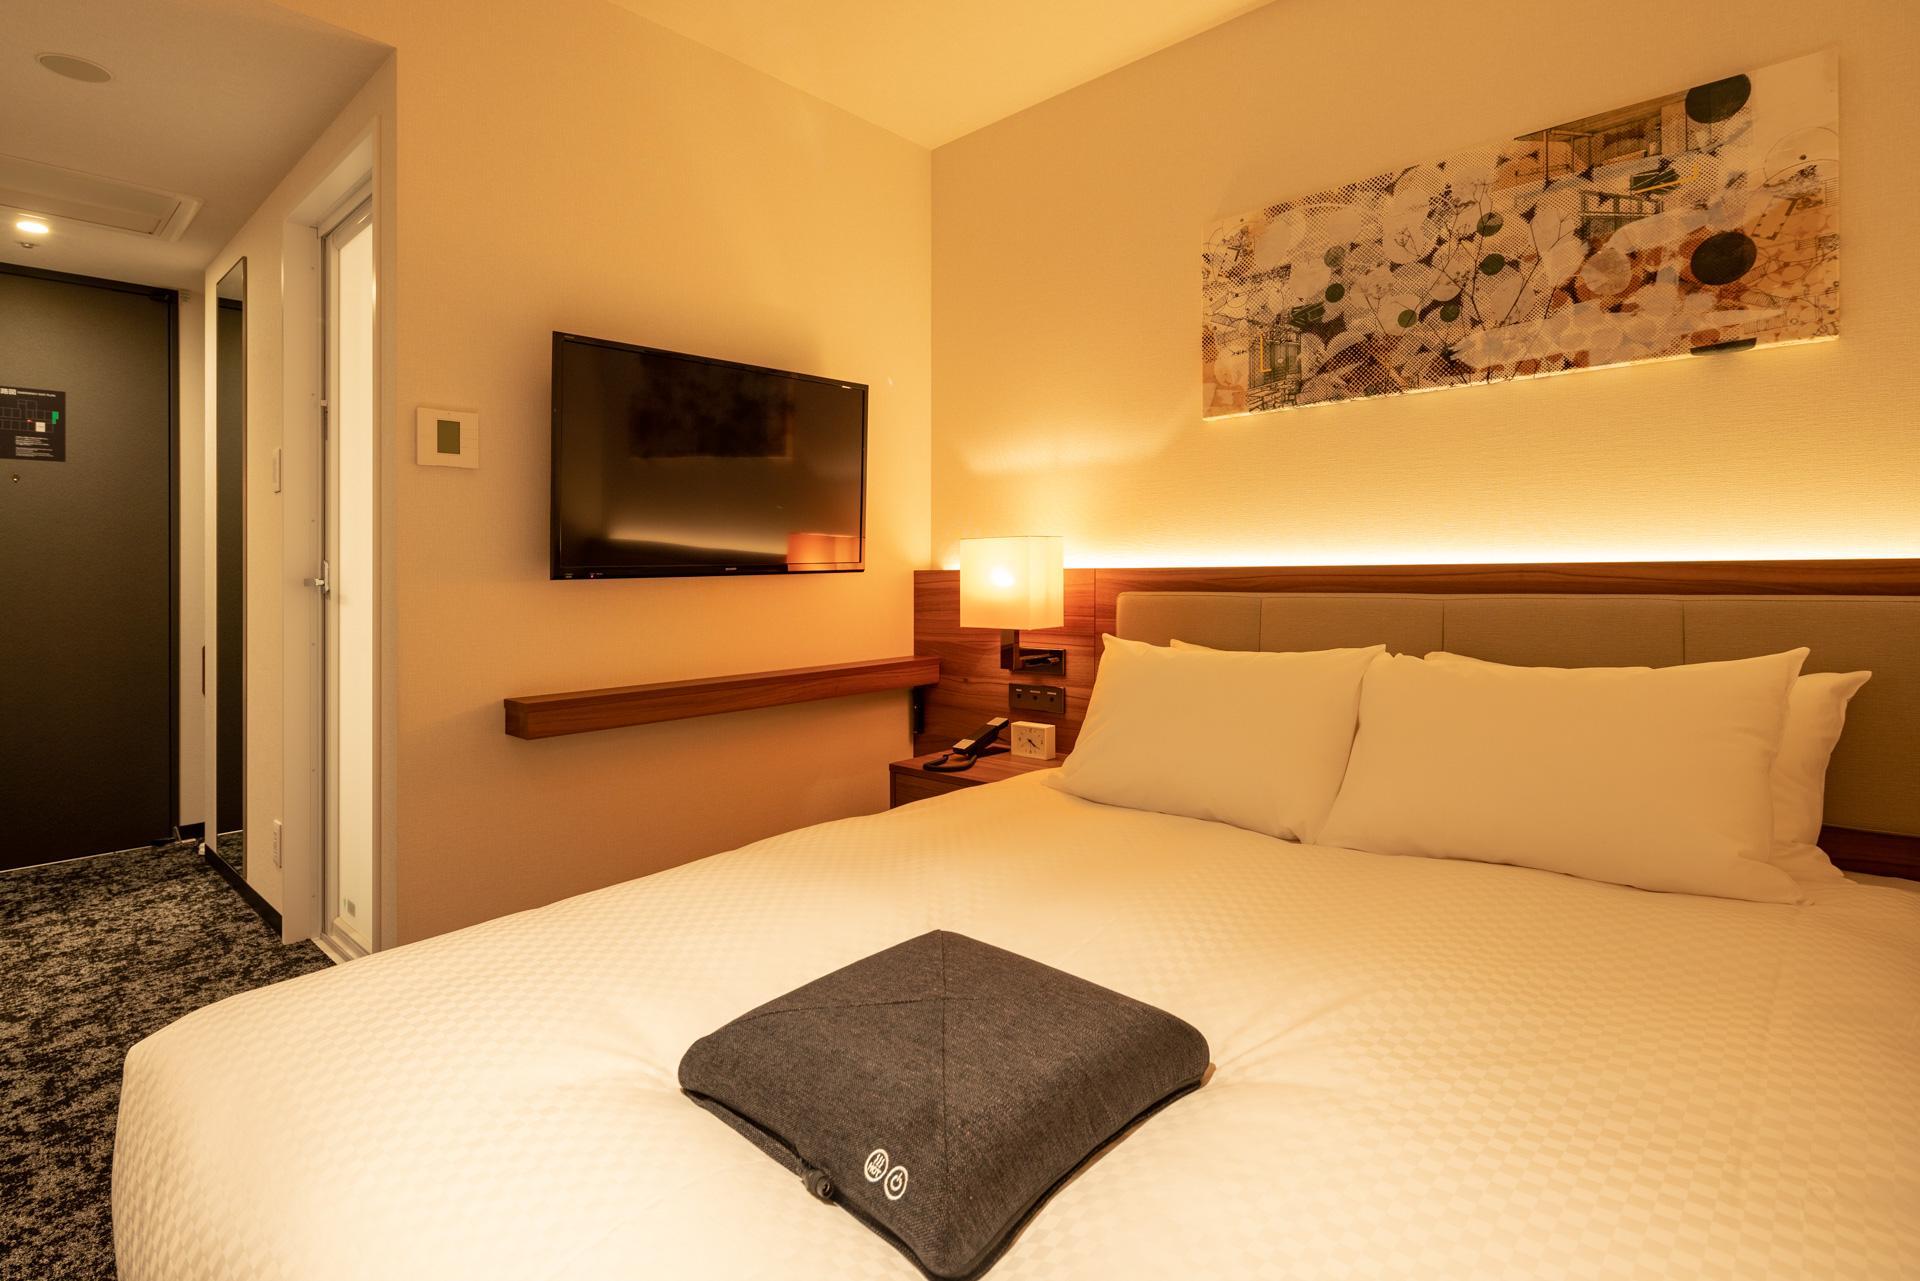 Hotel Forza 博多站筑紫口二館 雙人房